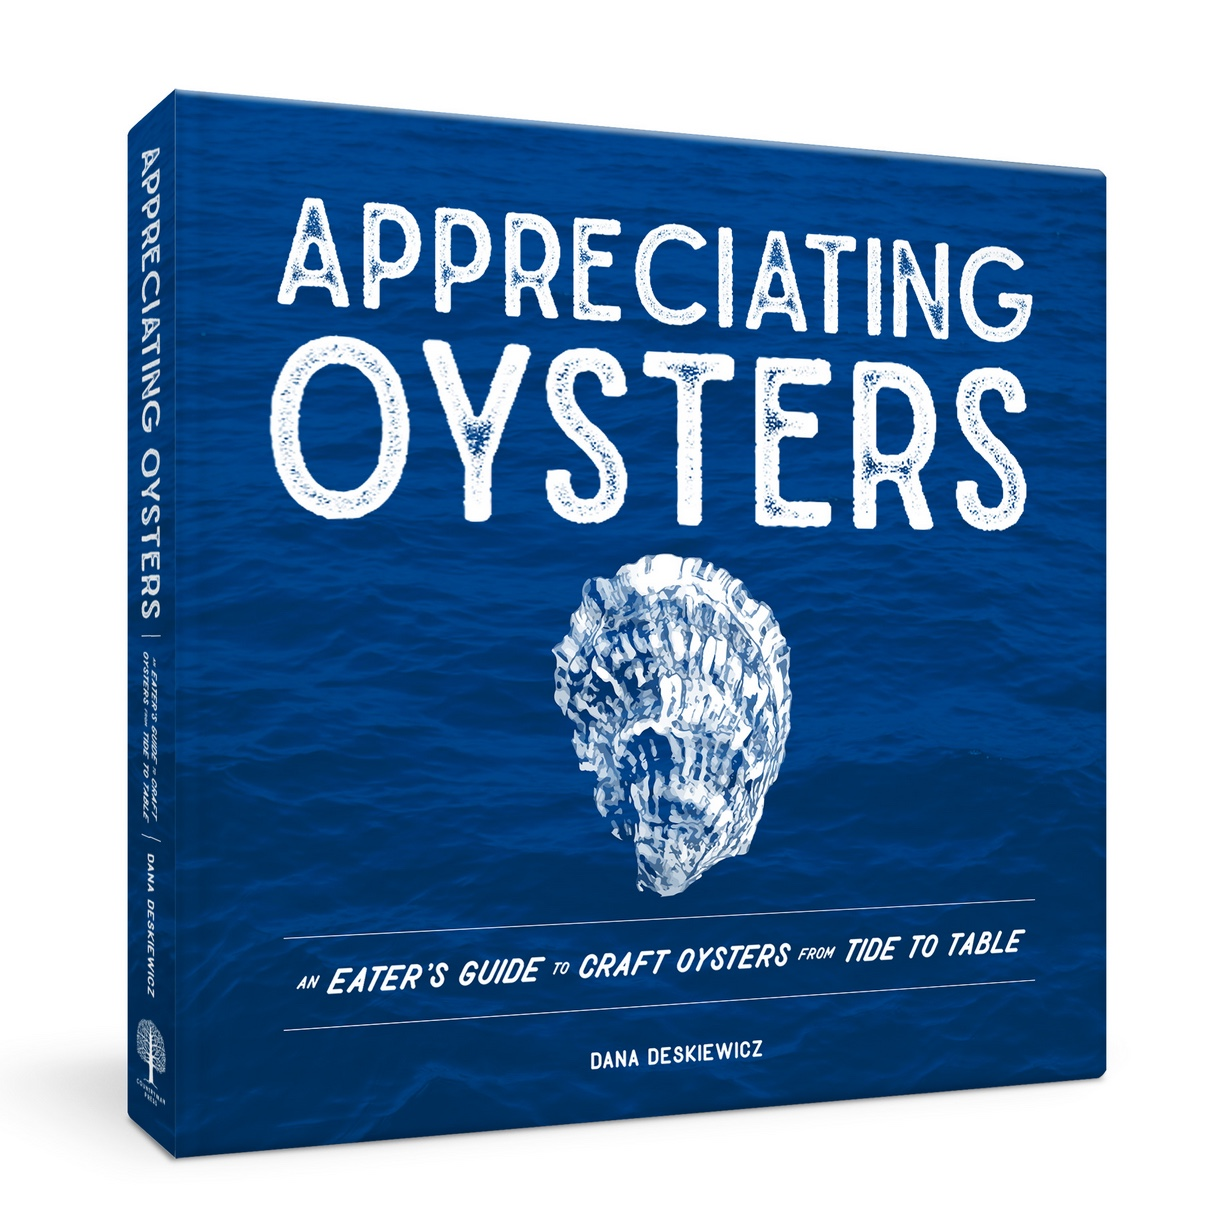 appreciating oysters, dana deskiewicz